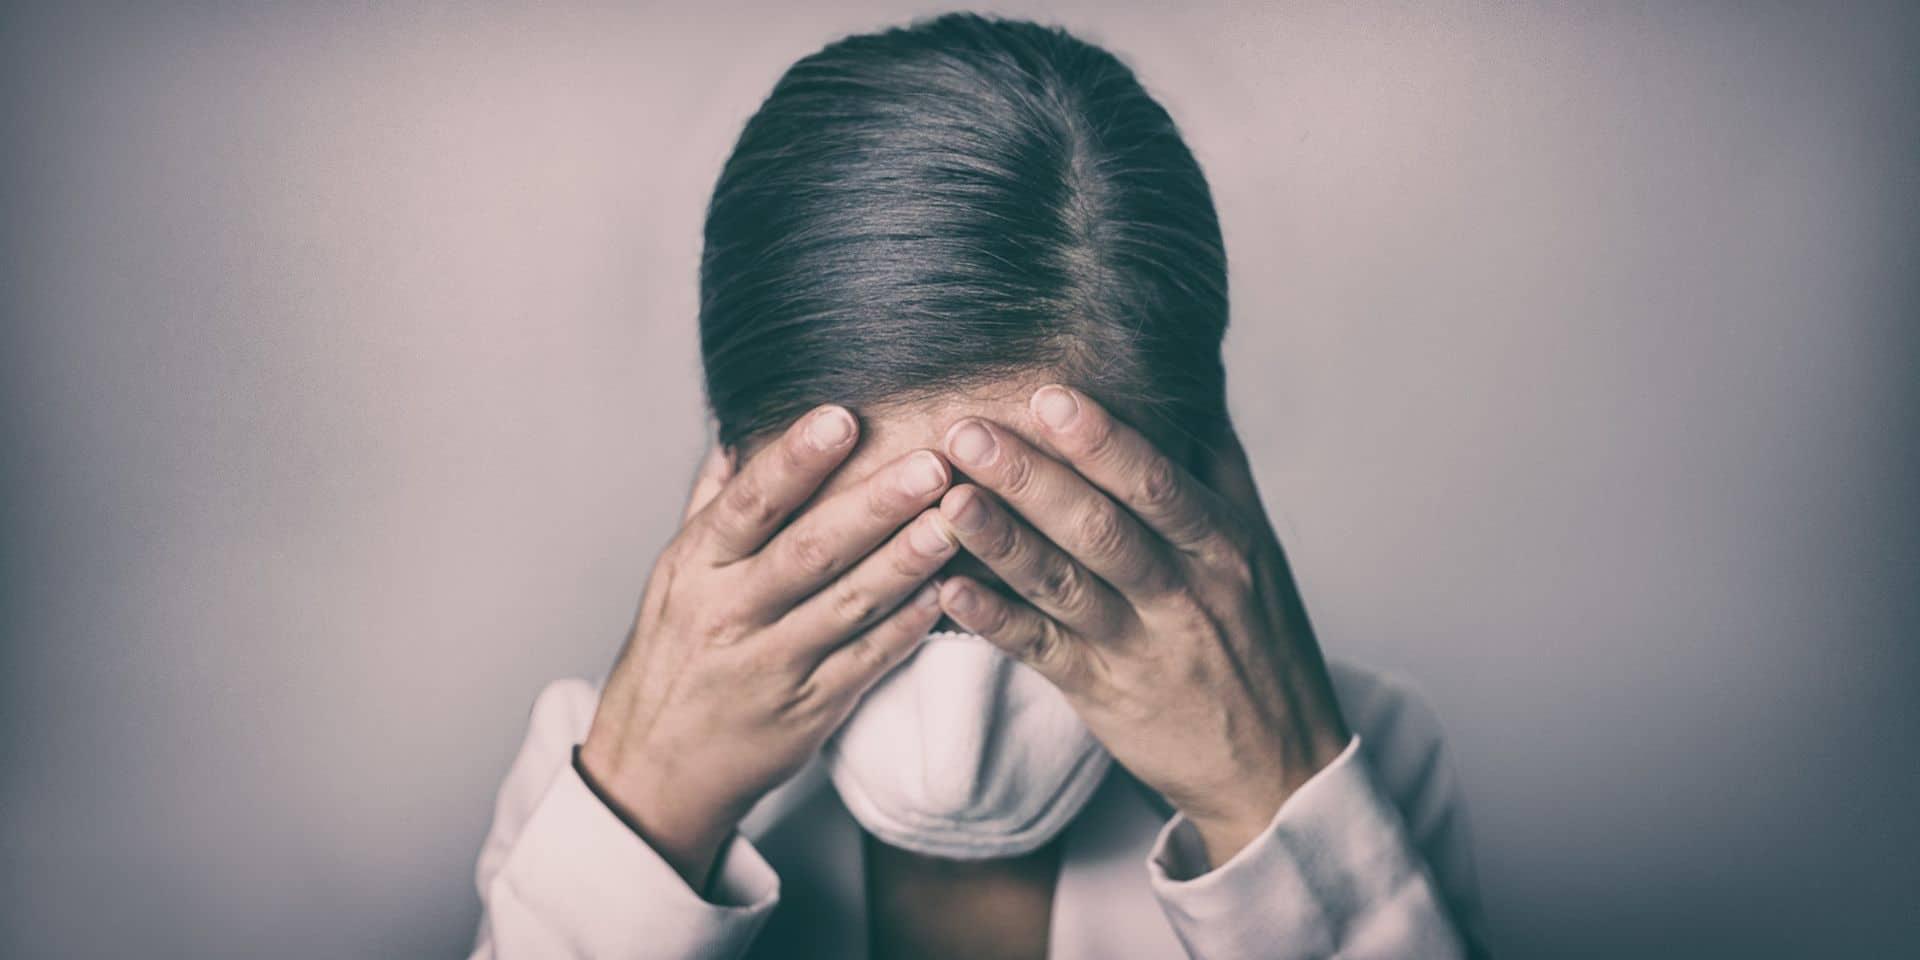 Anxiété, troubles de l'humeur... Une personne sur trois qui a surmonté le Covid-19 souffre de problèmes psychologiques ou neurologiques ultérieurs